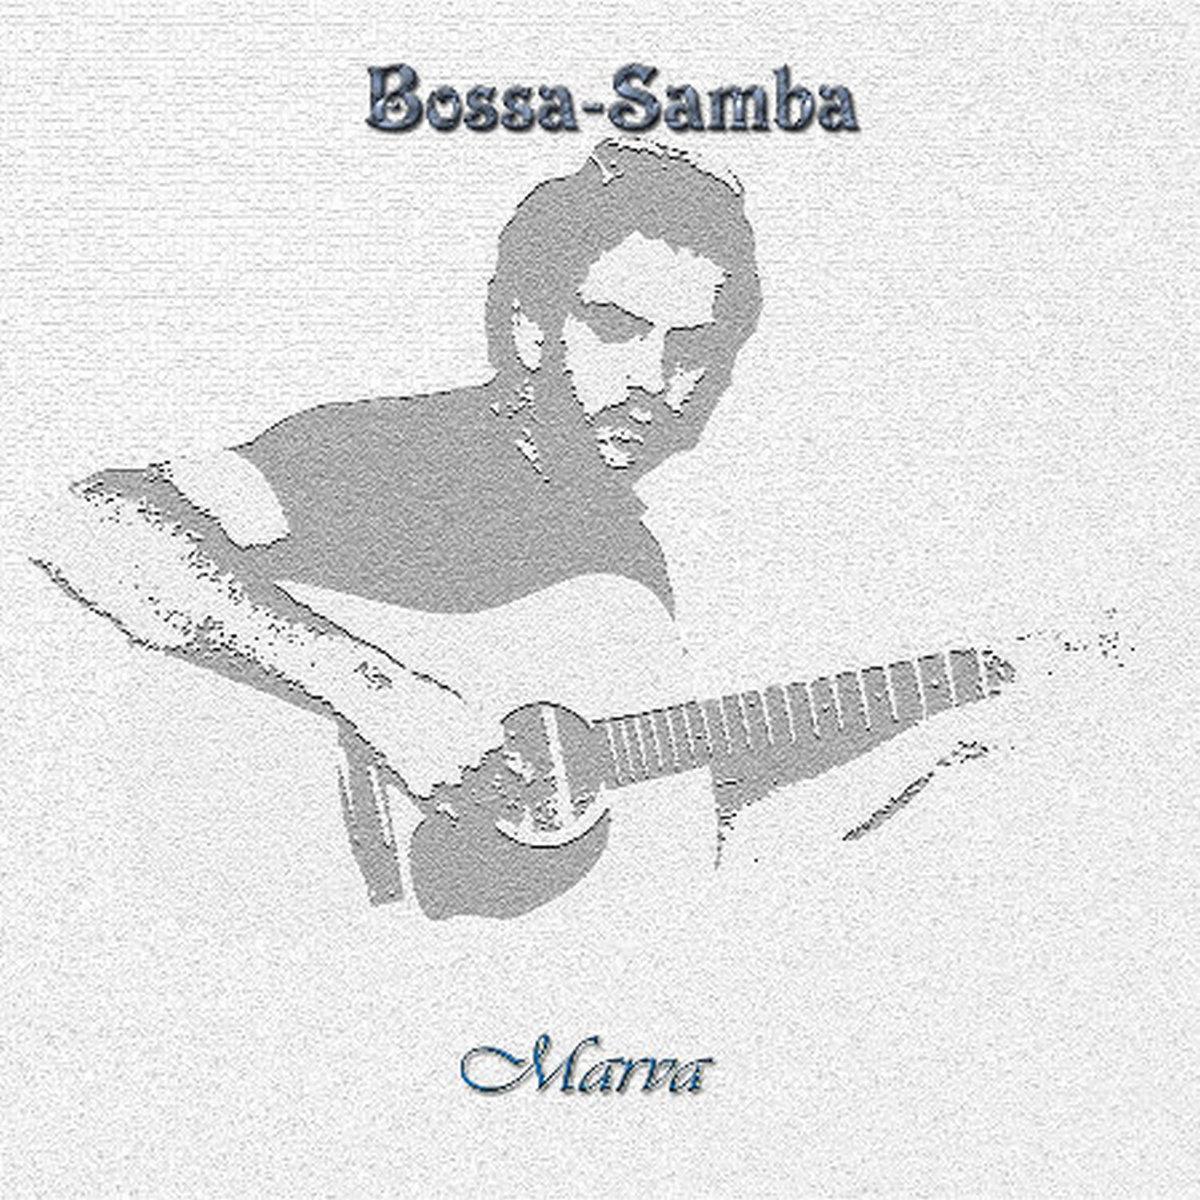 W B Samba Bossa Jazz Only Guitar Voice Vol I It Includes